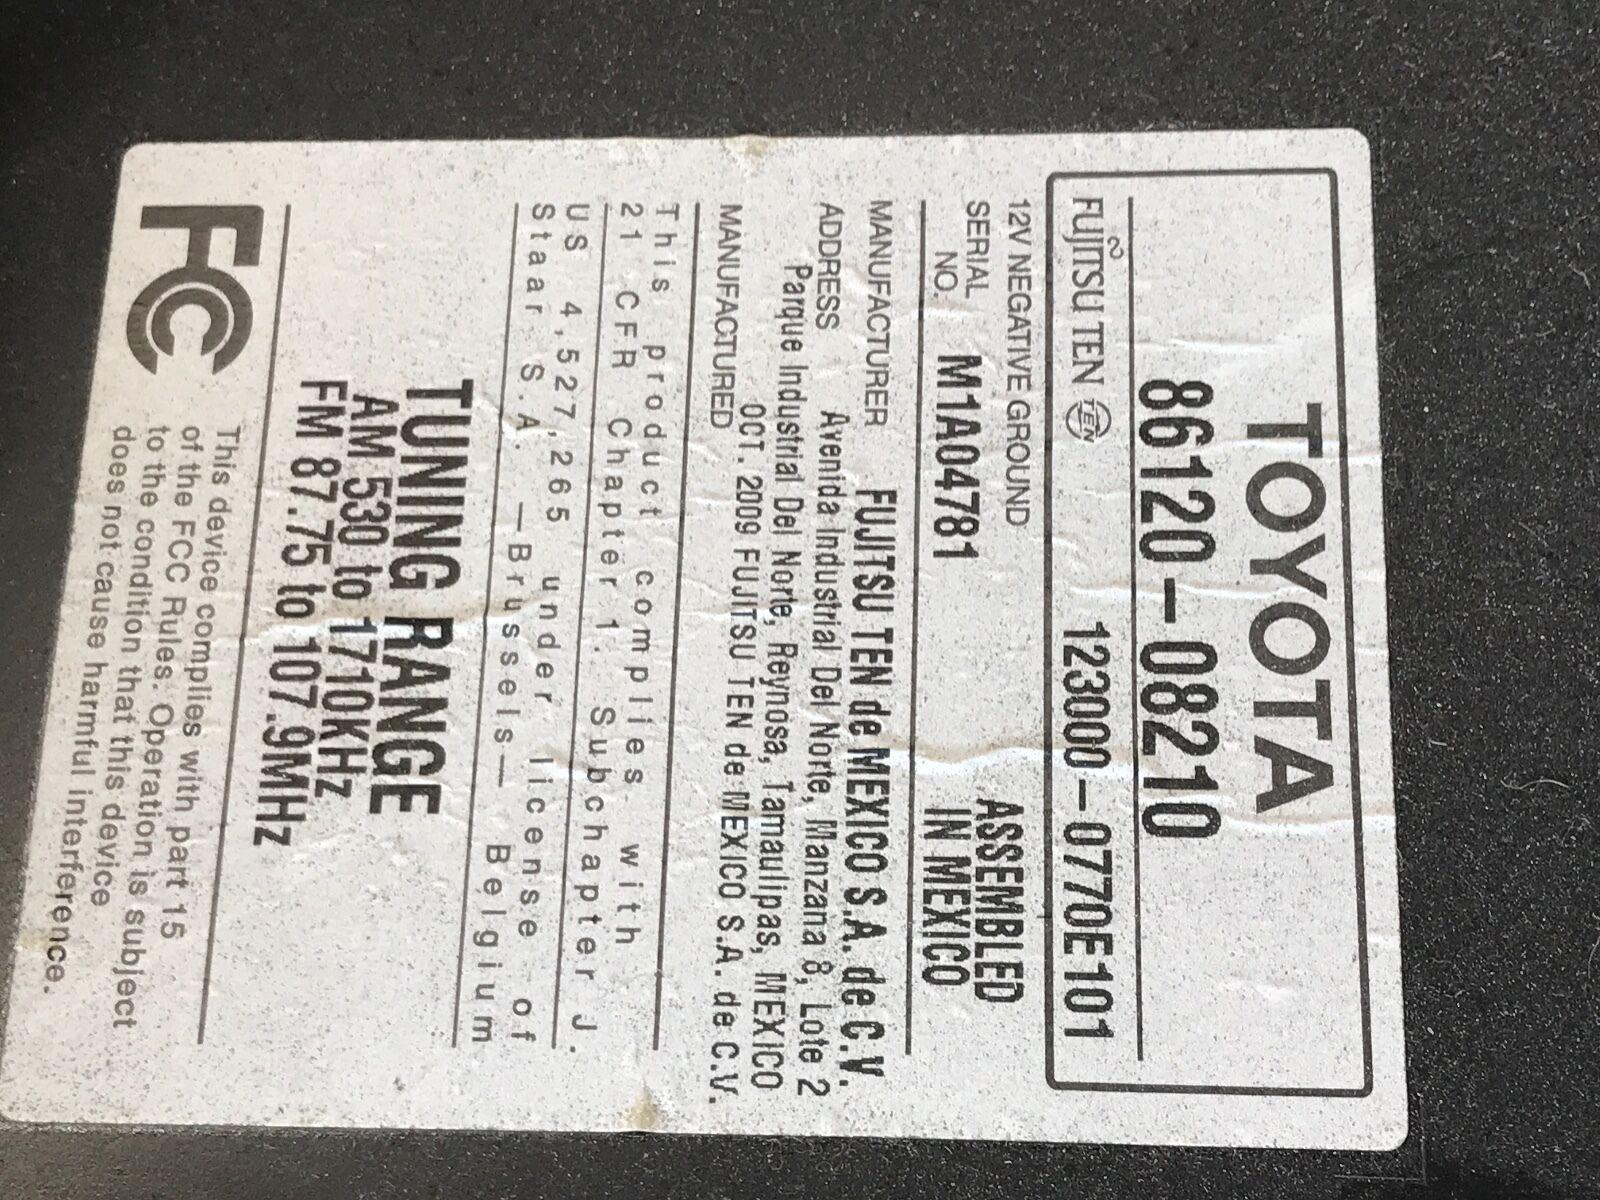 Fujitsu Ten Toyota Wiring Diagram | Manual E-Books - Toyota 86120 Wiring Diagram